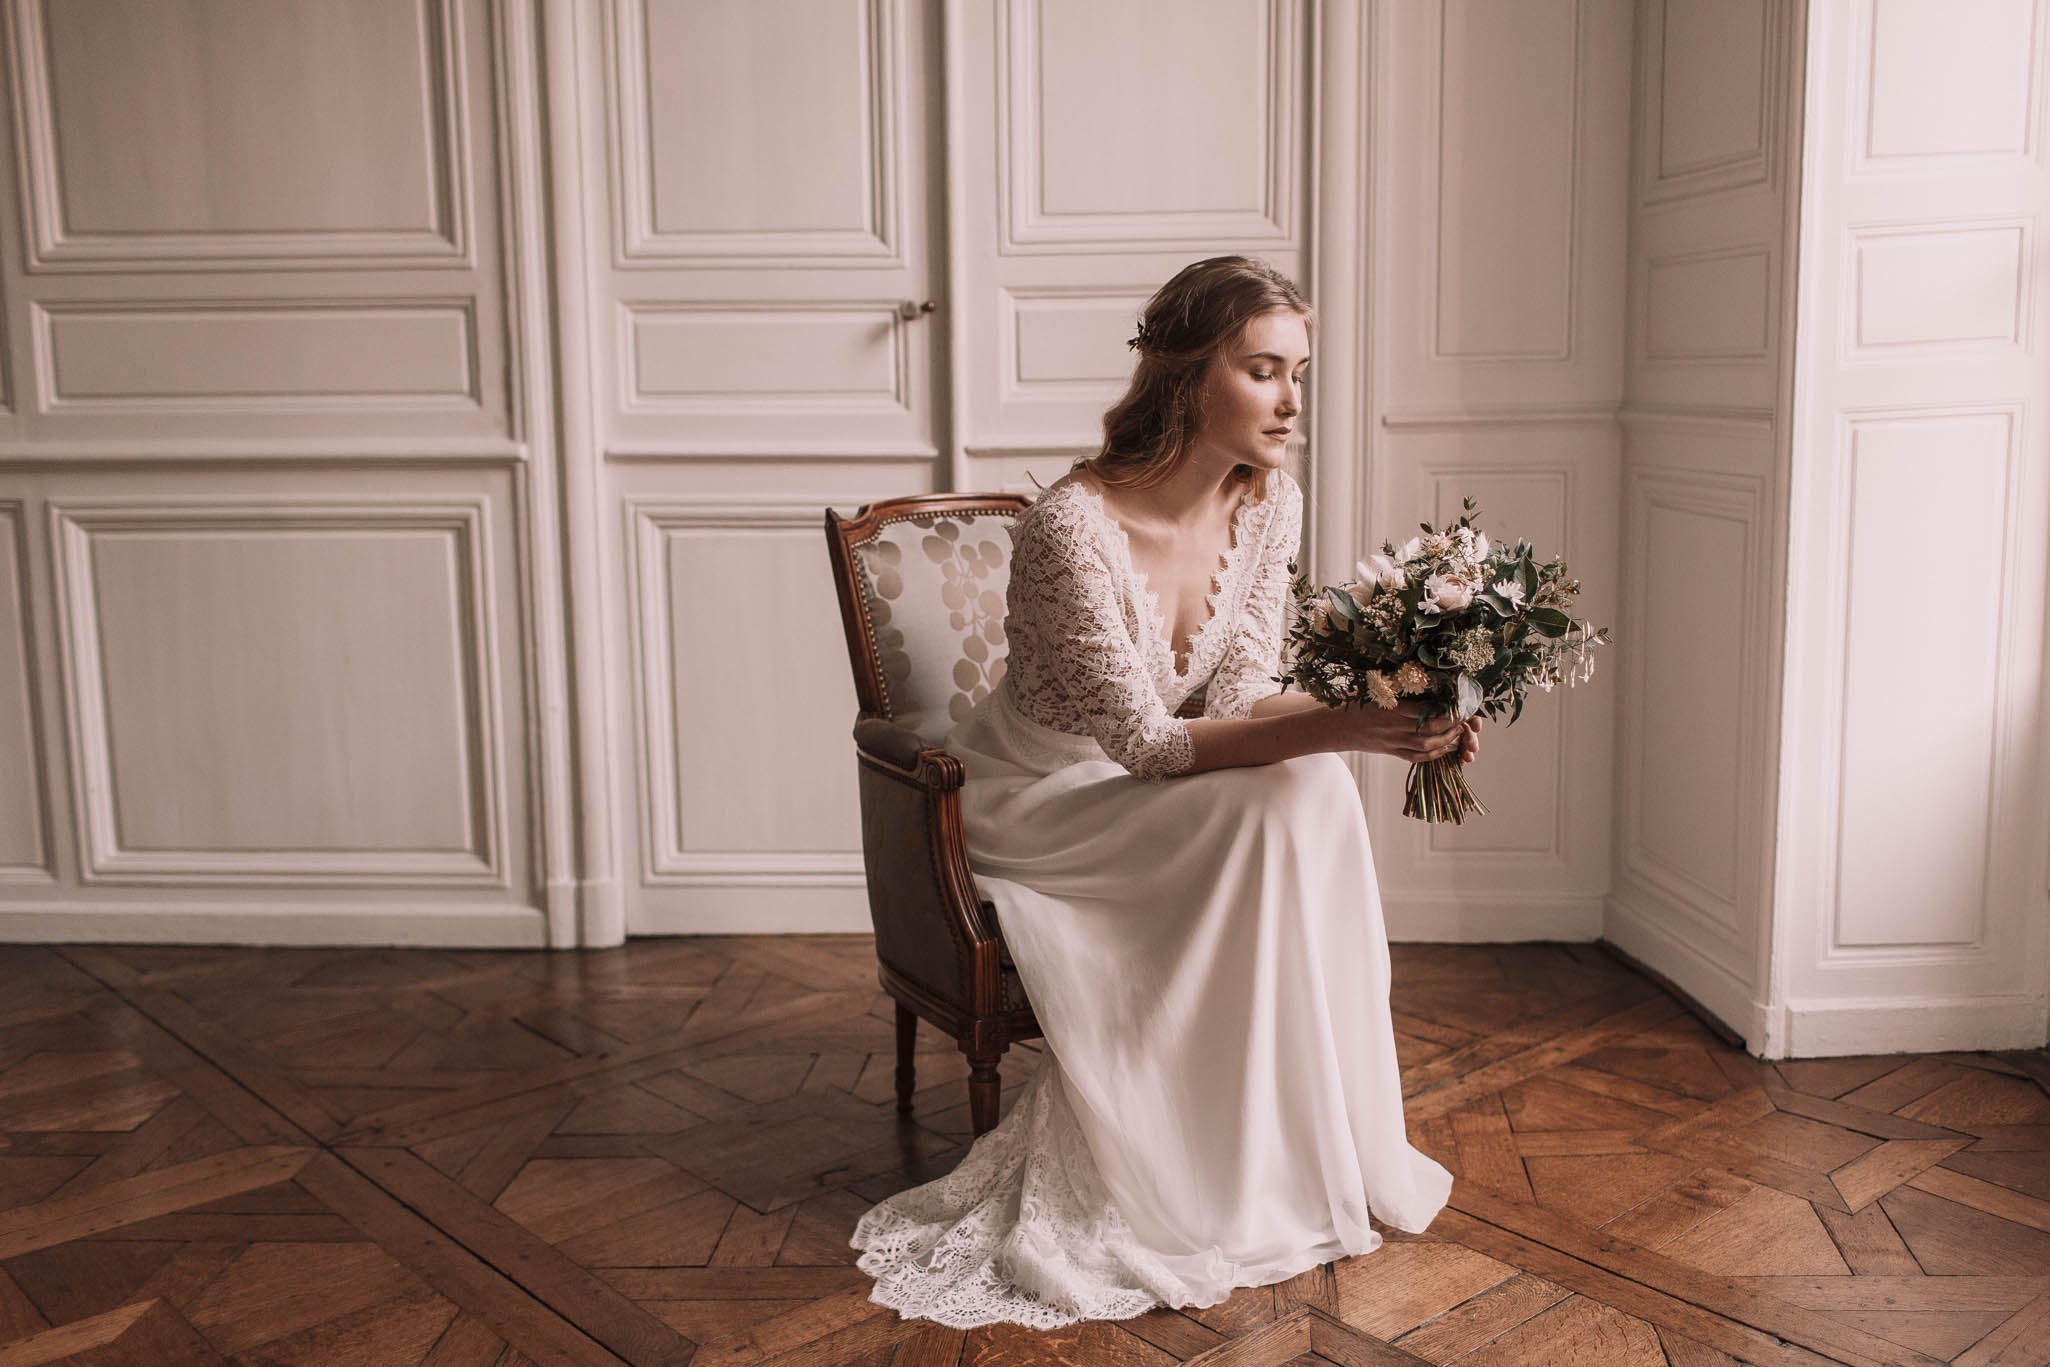 photographe-mariage-bordeaux-jeremy-boyer-white-minimal-39.jpg